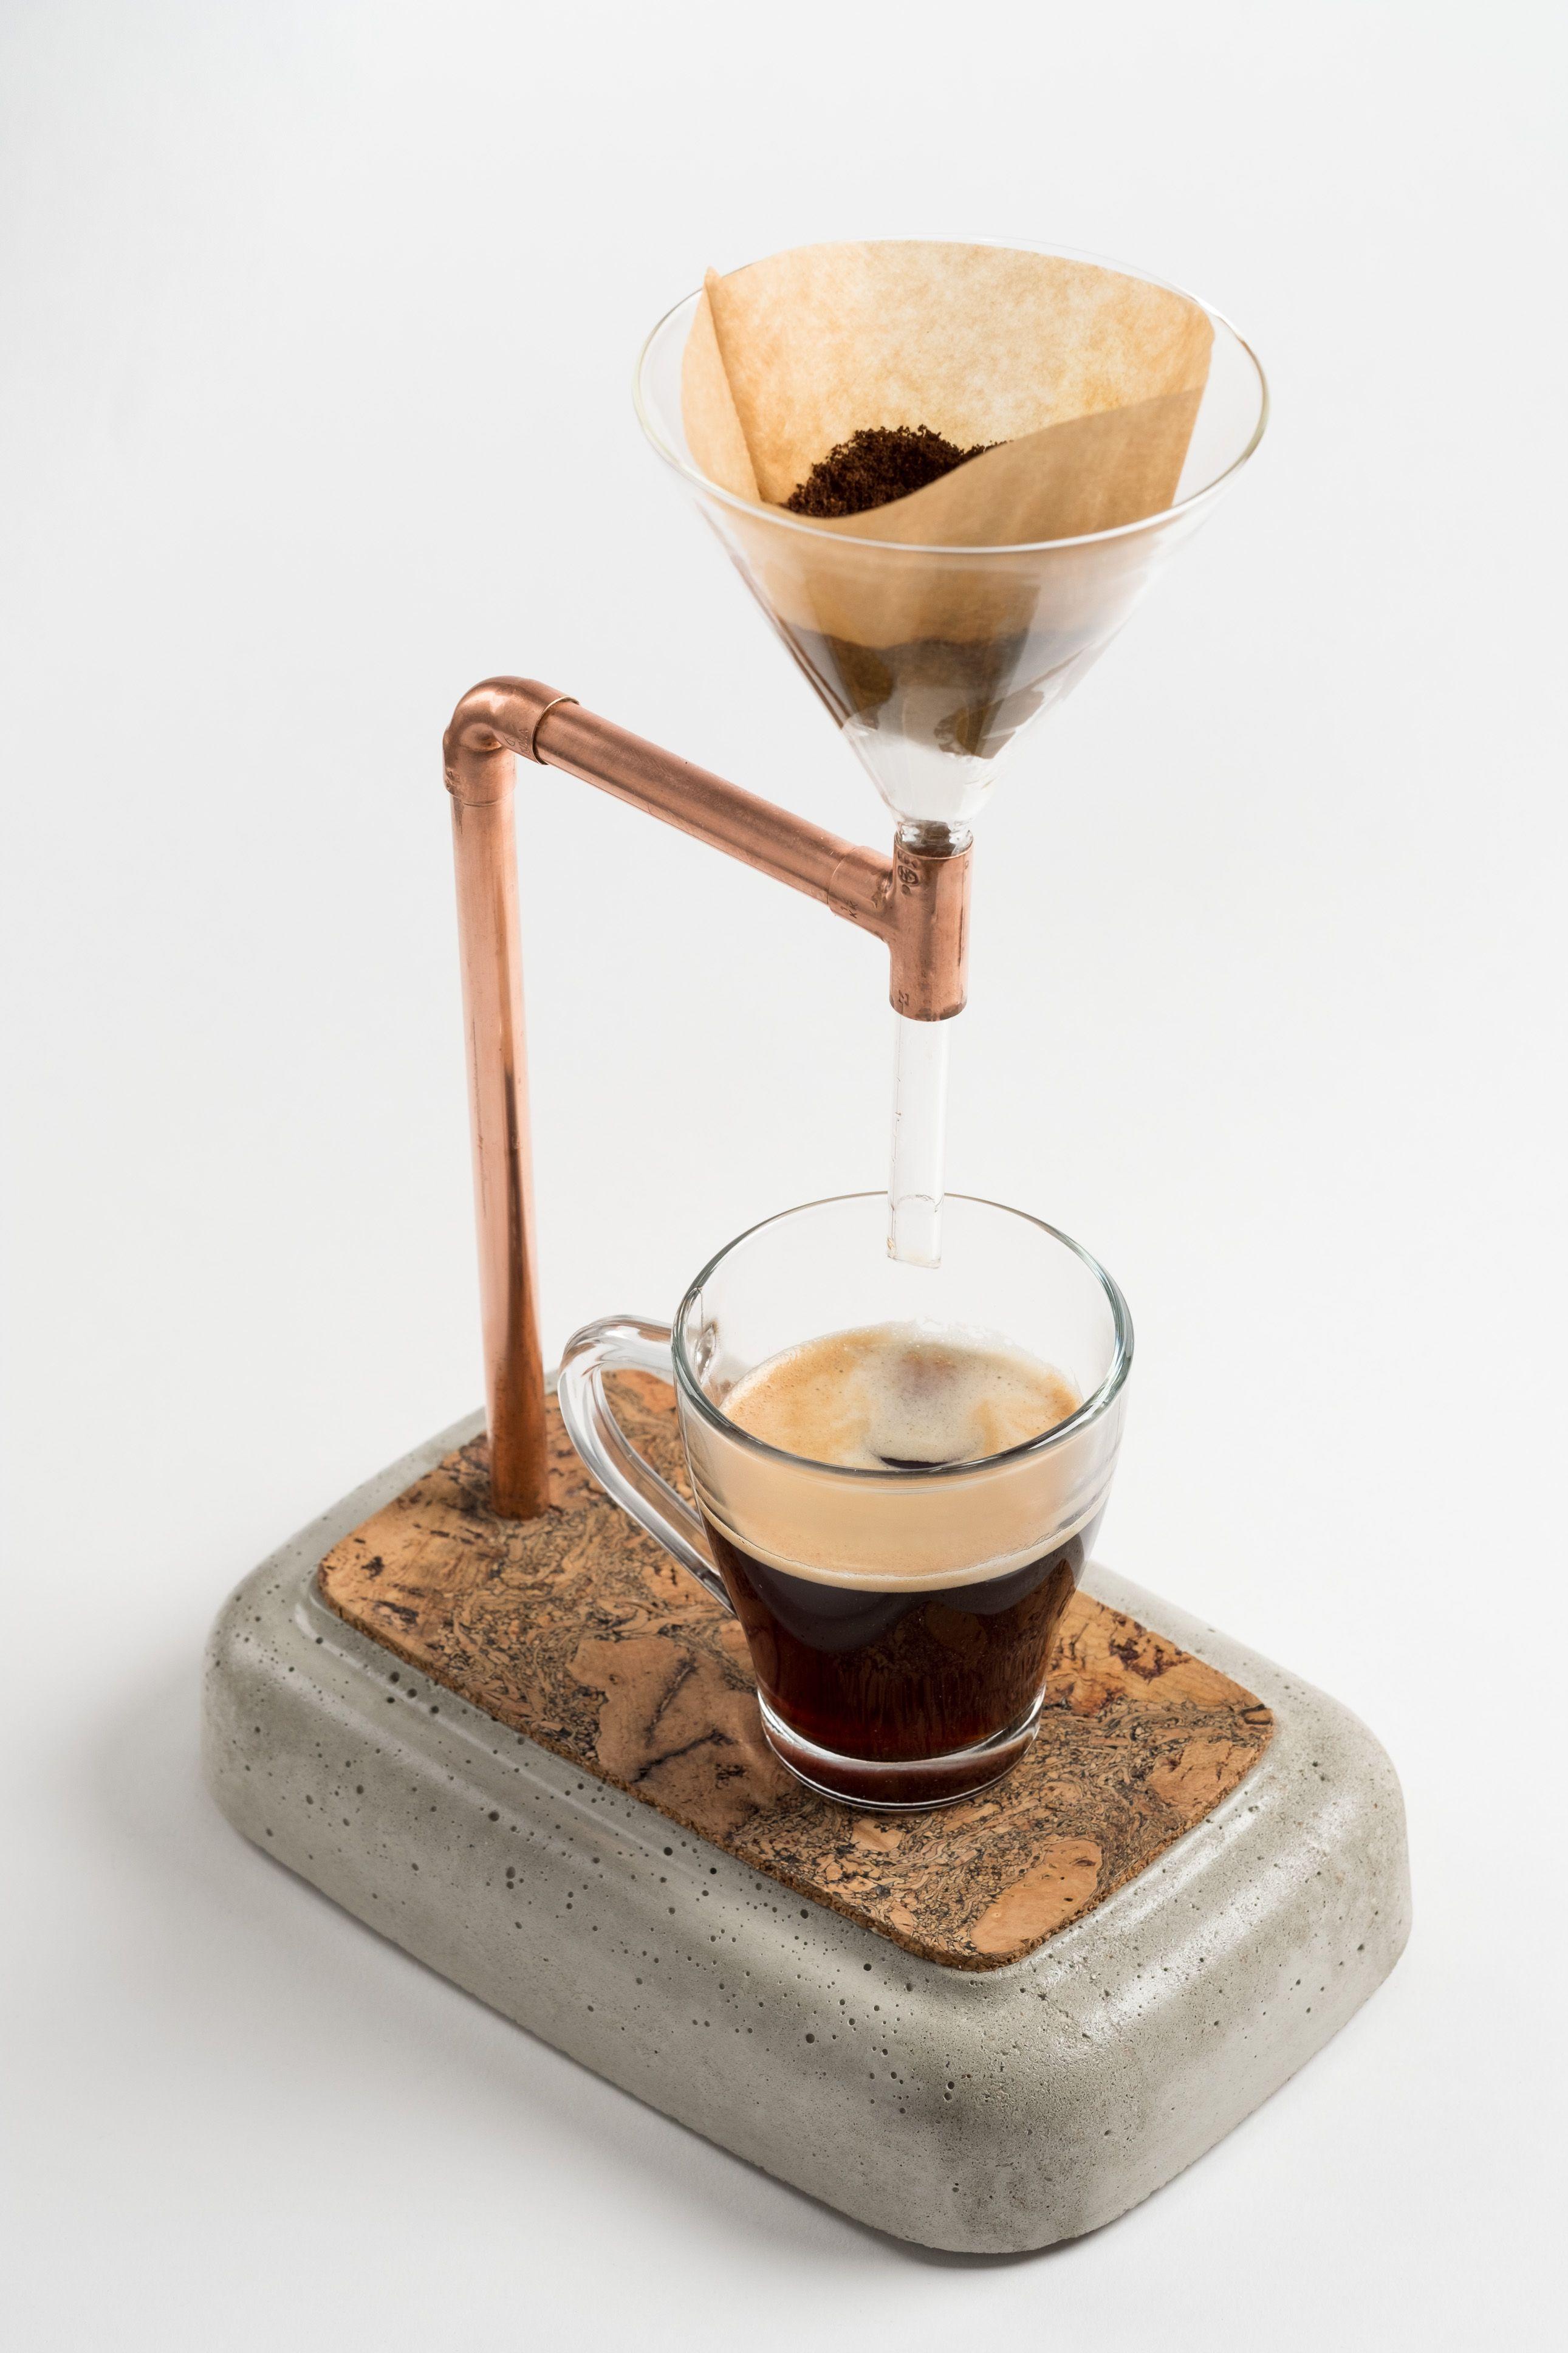 Kaffeezubereiter Coffee Maker Ideen für projekte